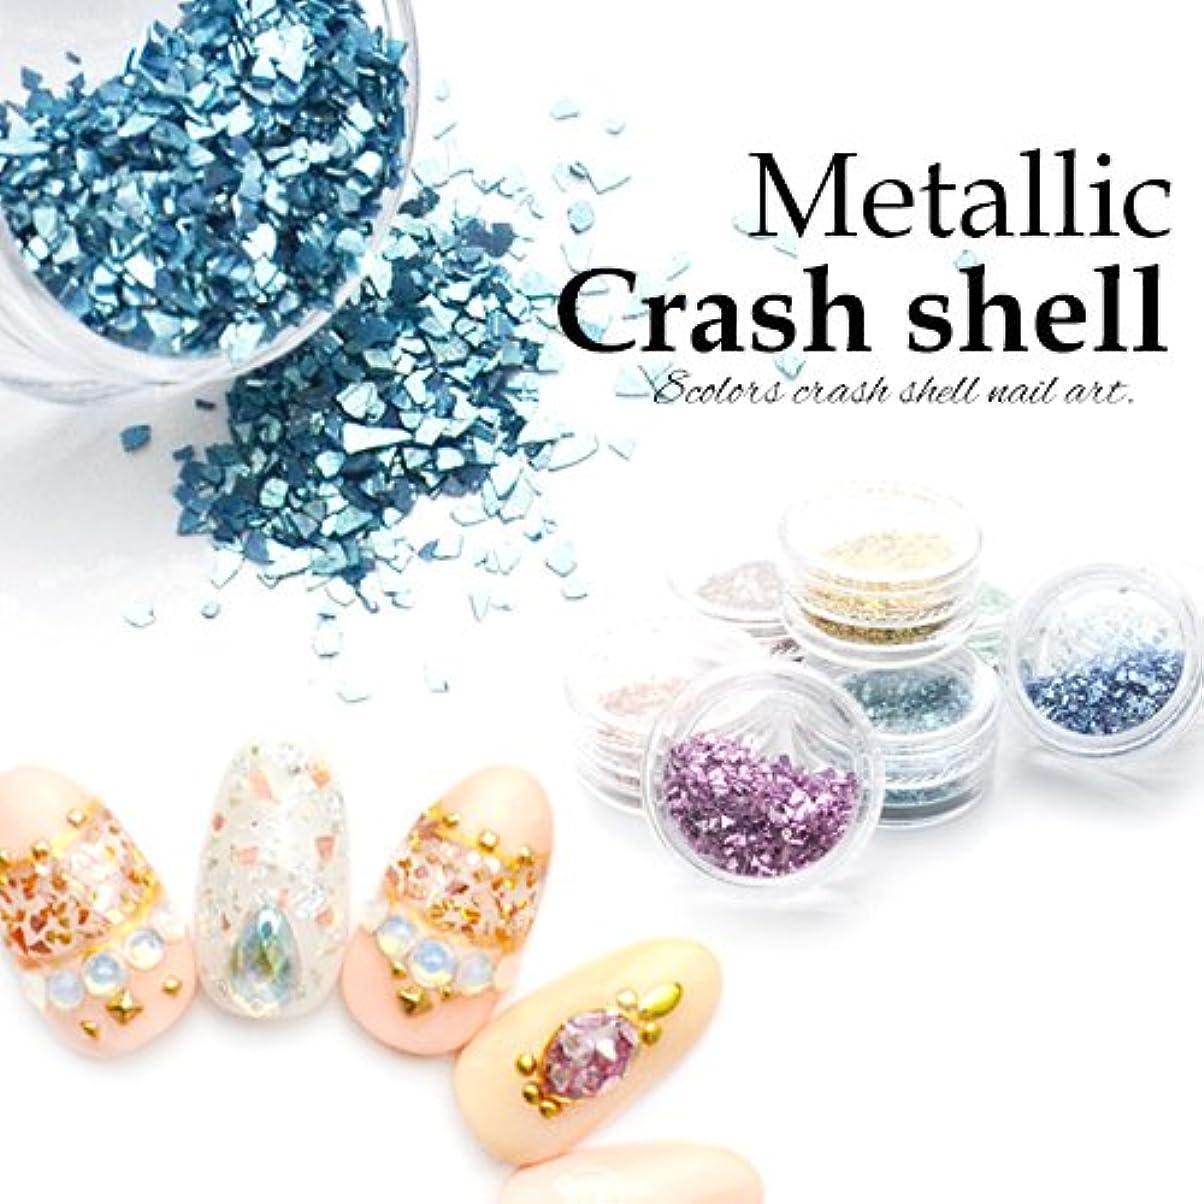 パラシュート機会本メタリッククラッシュシェル (ピンクパープル) シェルパウダー全8色 ジェルネイル メタルパーツ